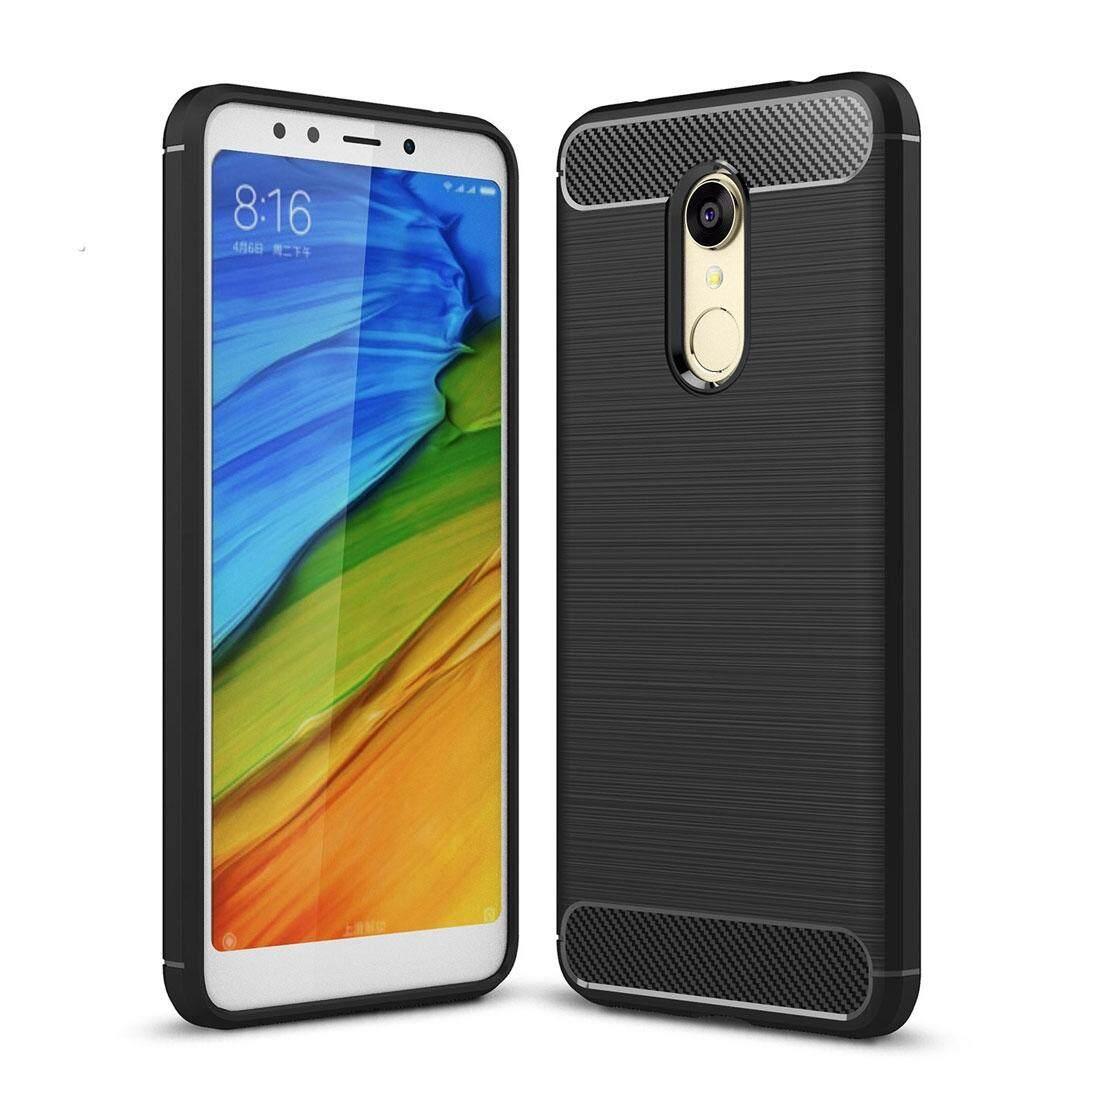 โปรโมชั่น Xiaomi Redmi 5 Brushed Texture Carbon Fiber Shockproof Tpu Rugged Armor Protective Case Black Intl Sunsky